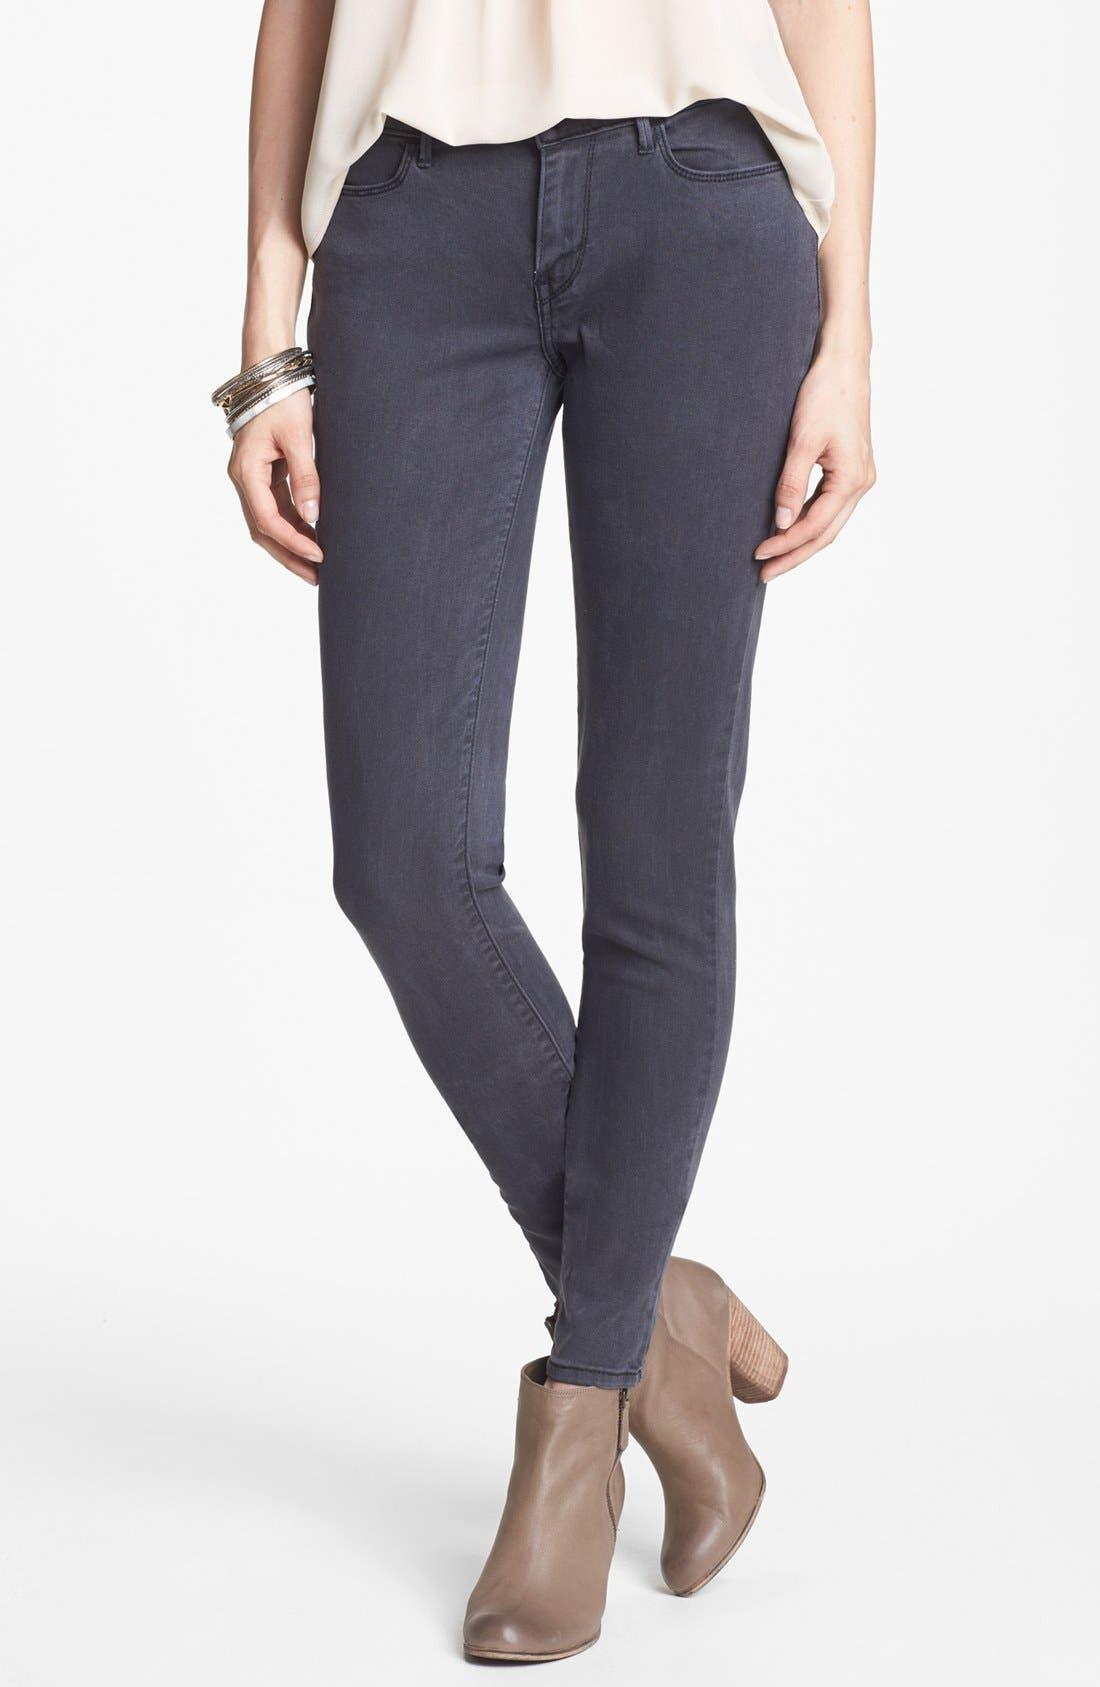 Alternate Image 1 Selected - Levi's® 'Core Better Legging' Skinny Jeans (Dark)